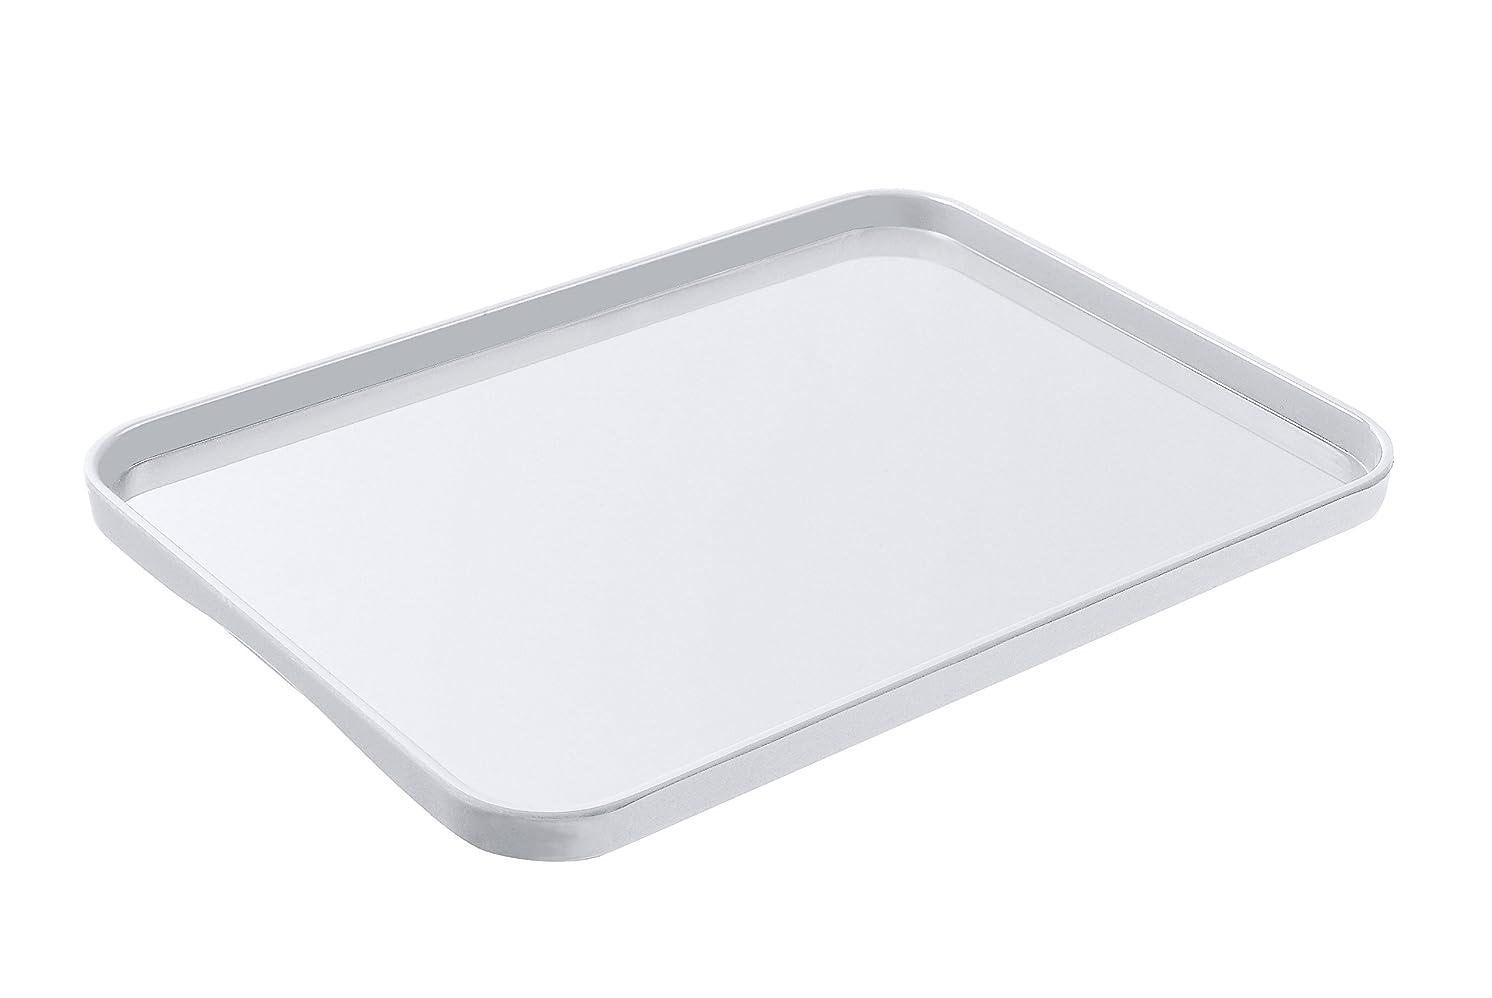 分析的デザート才能岩崎 お盆 ホワイト 30.6×22.4×1.7cm (L) プリト トレー K-202 W